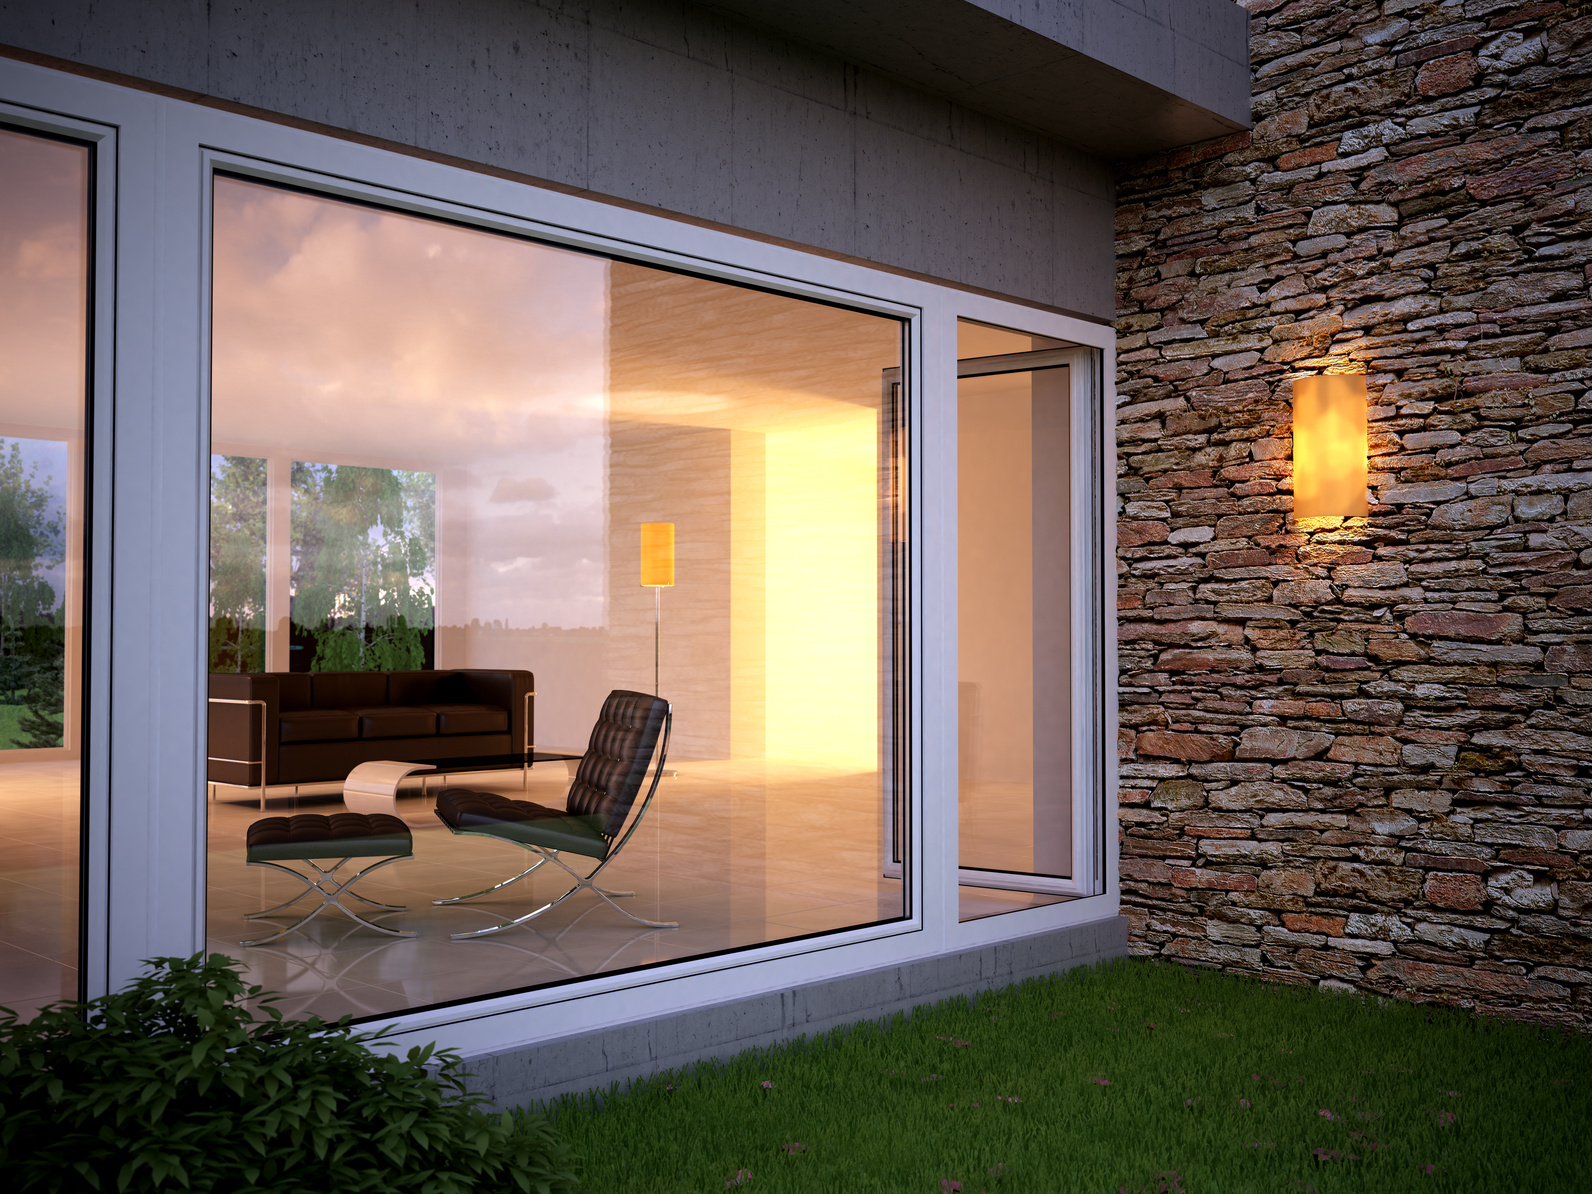 Ristrutturare casa guida alla ristrutturazione della casa - Ristrutturare porte e finestre ...